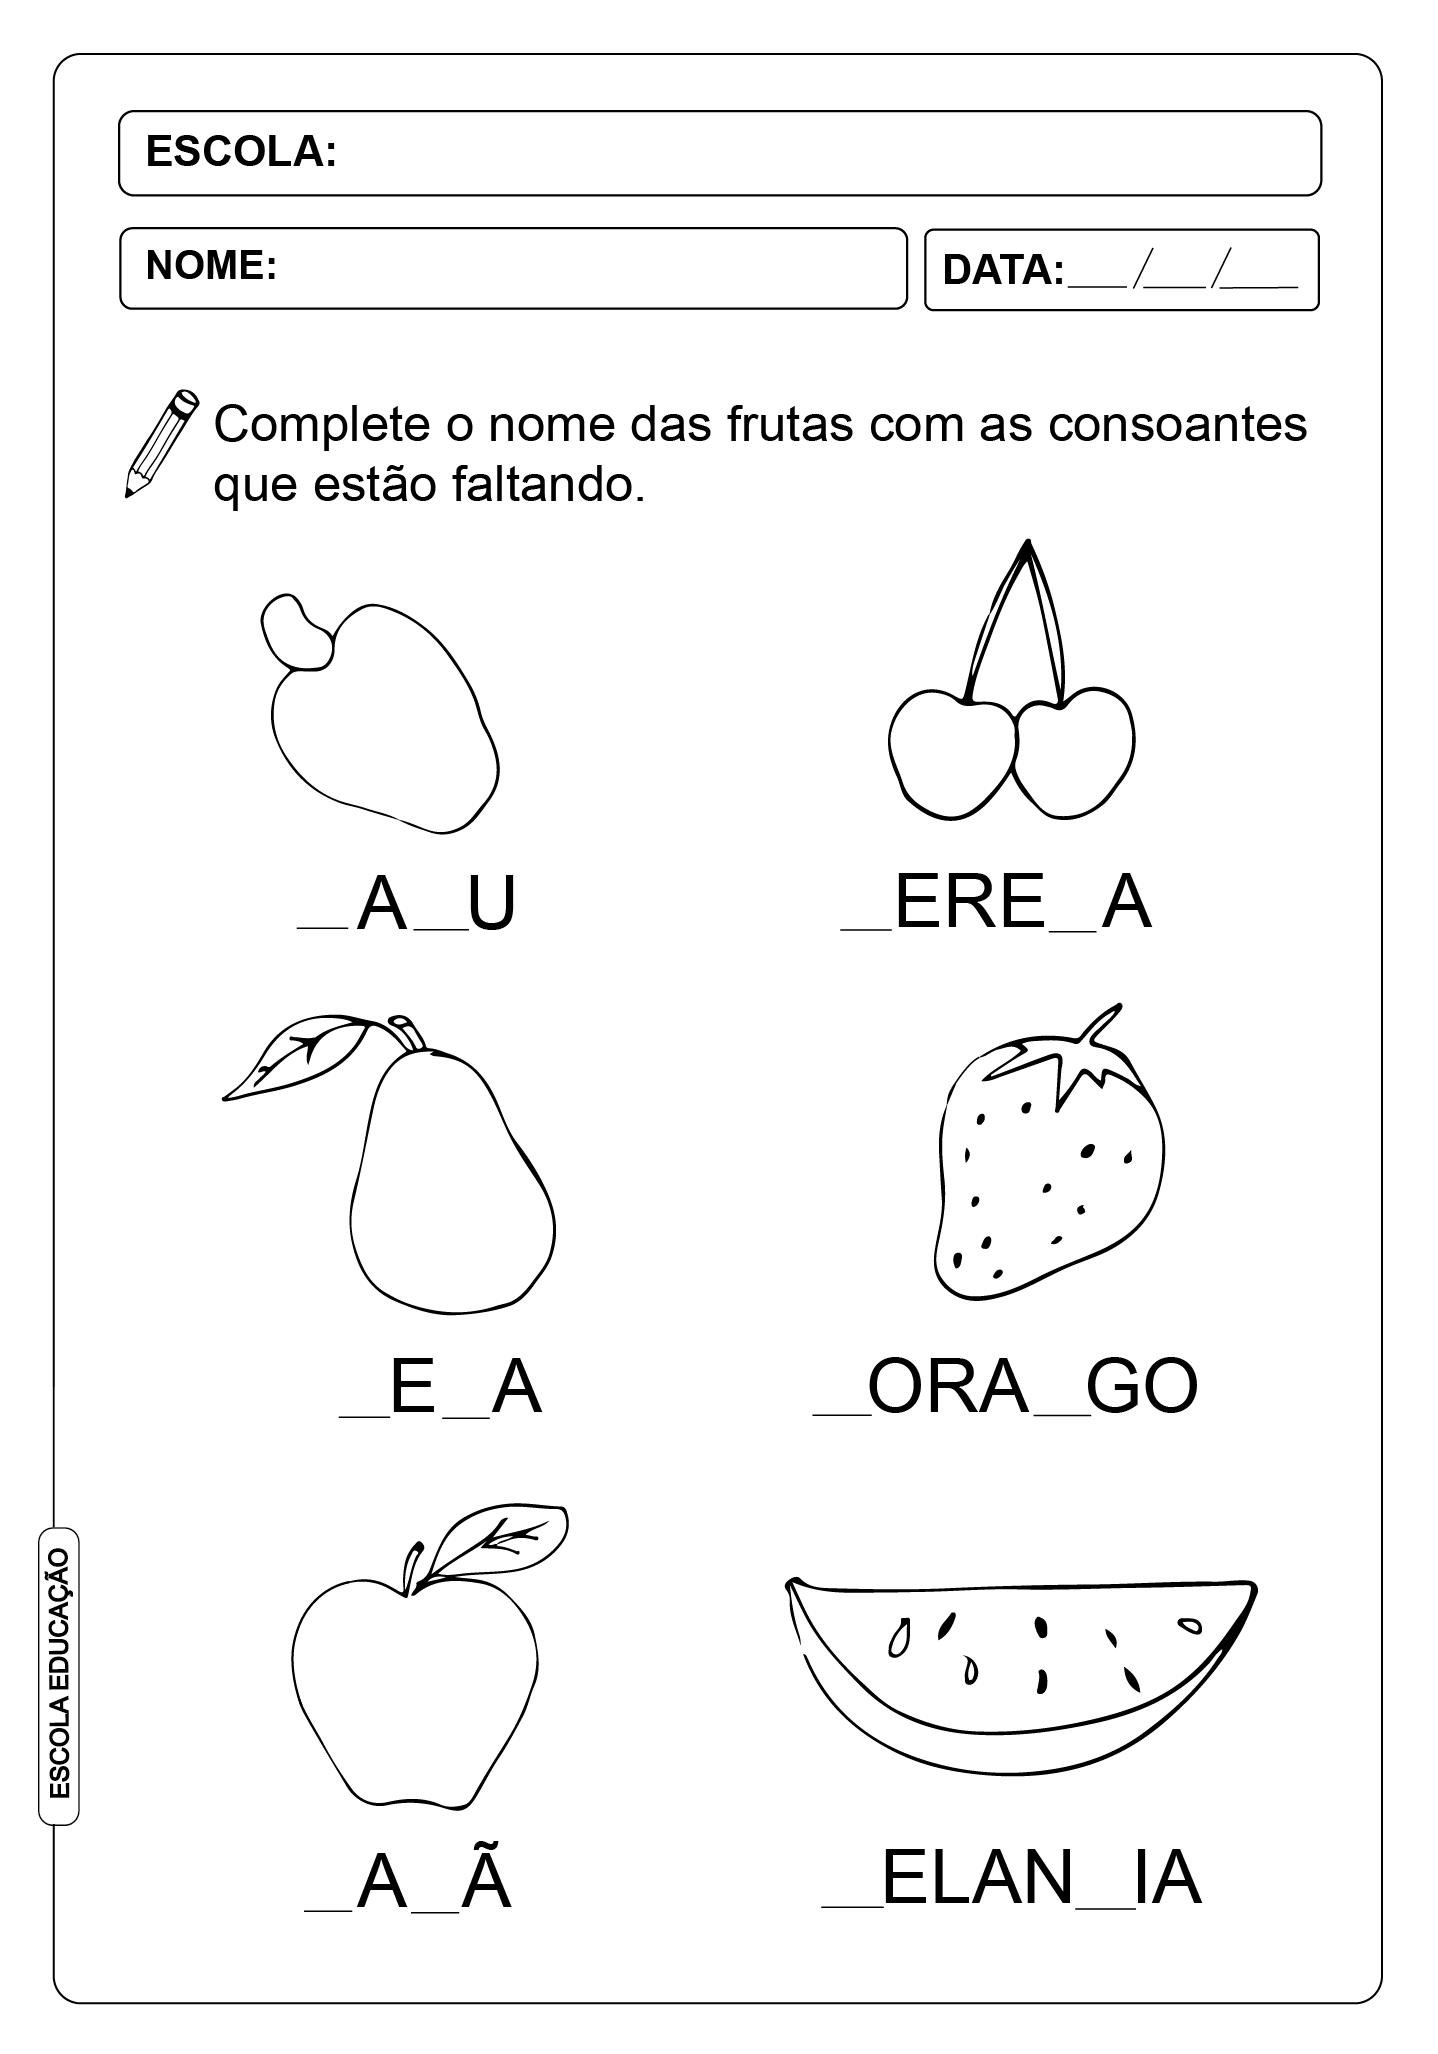 Atividades com consoantes – 1° ano – Complete as palavras que faltam nas frutas